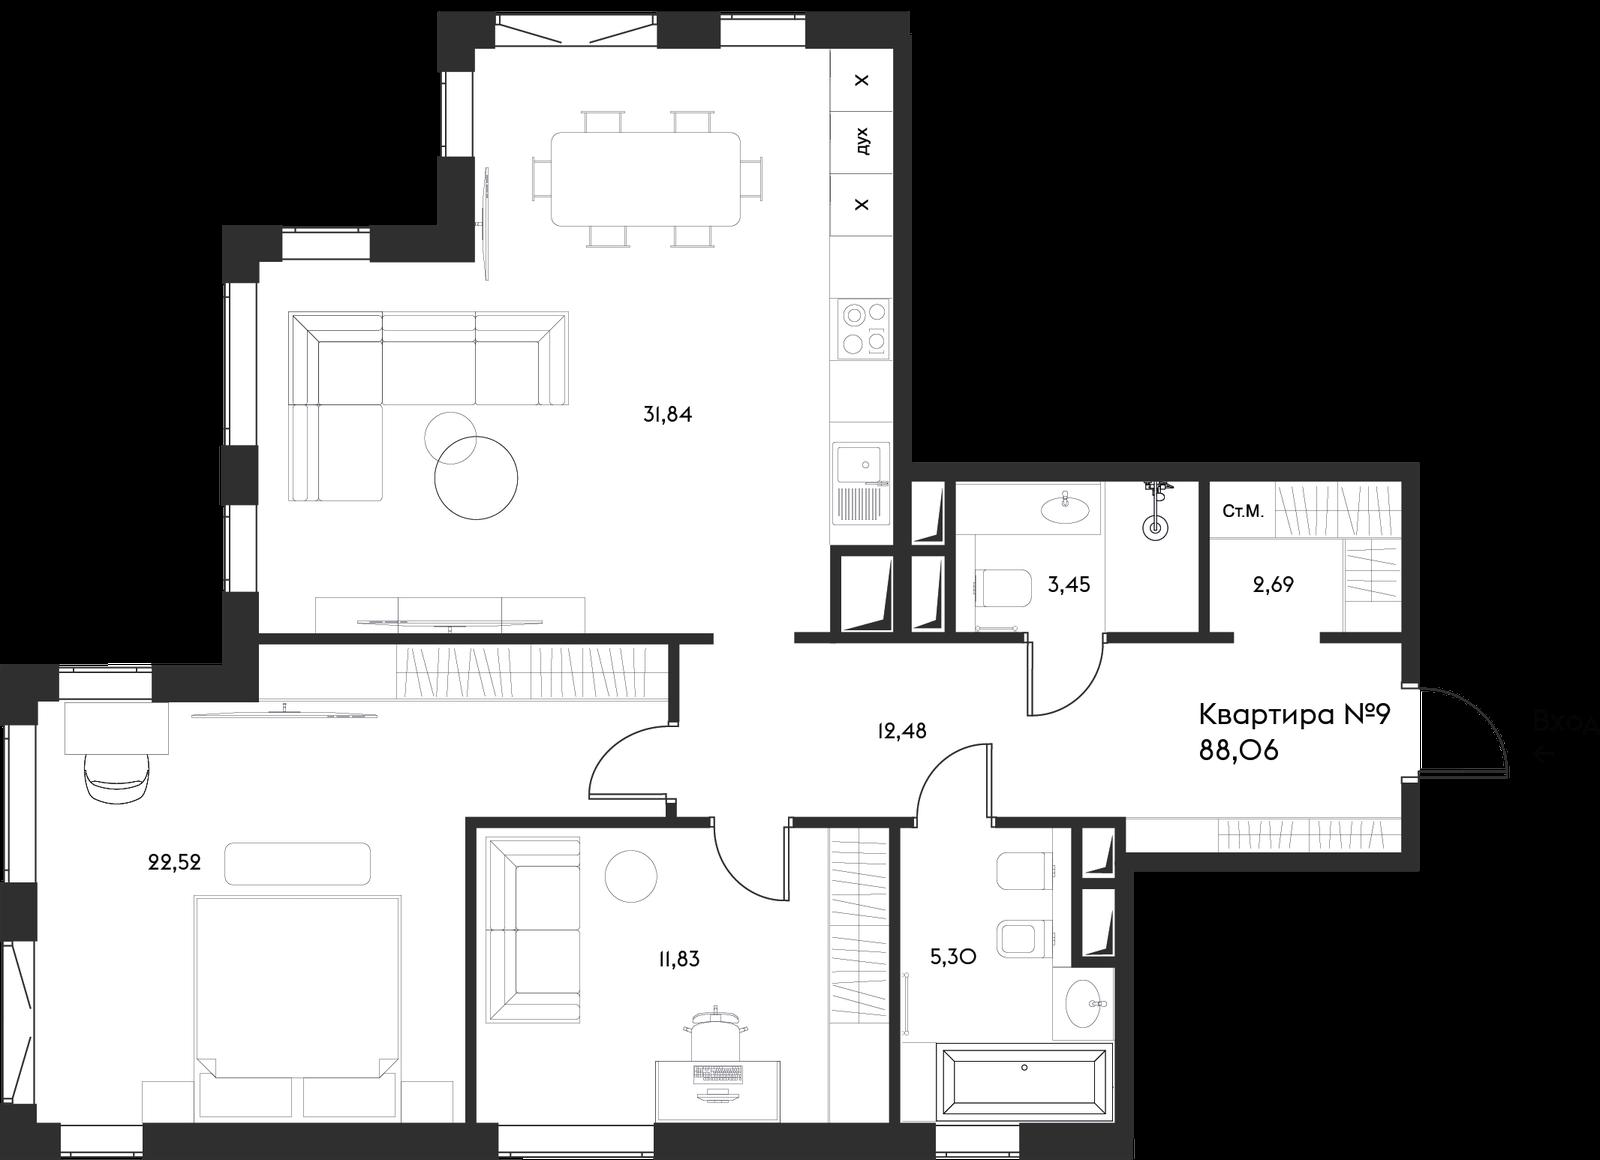 Продаётся 2-комнатная квартира в новостройке 88.1 кв.м. этаж 5/17 за 49 320 258 руб